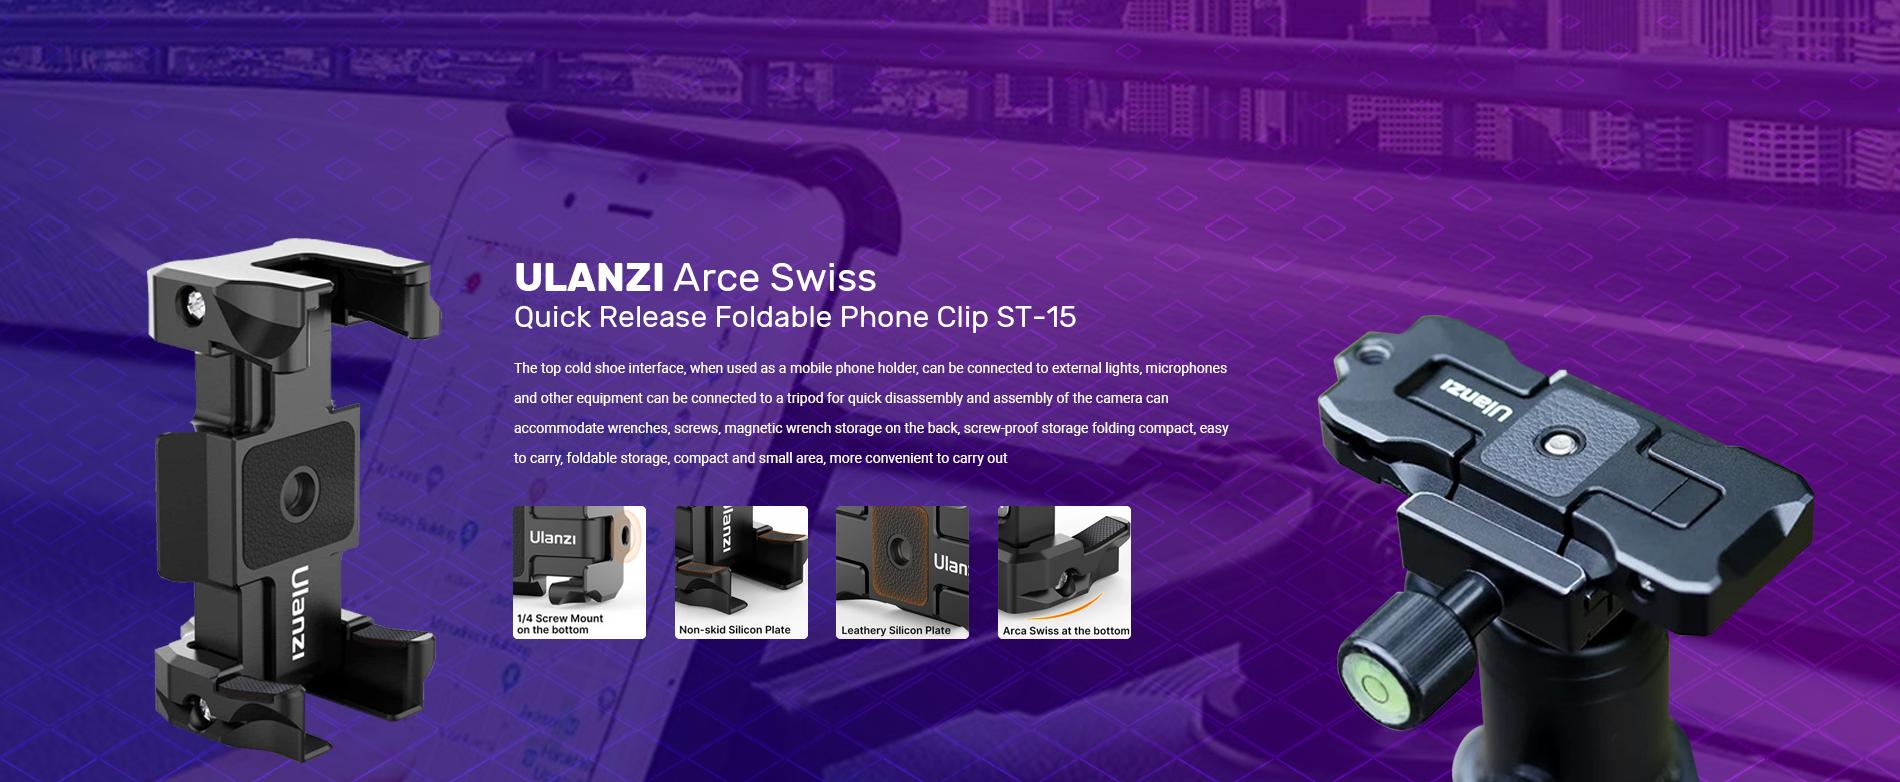 ULANZI Arce Swiss Quick ...